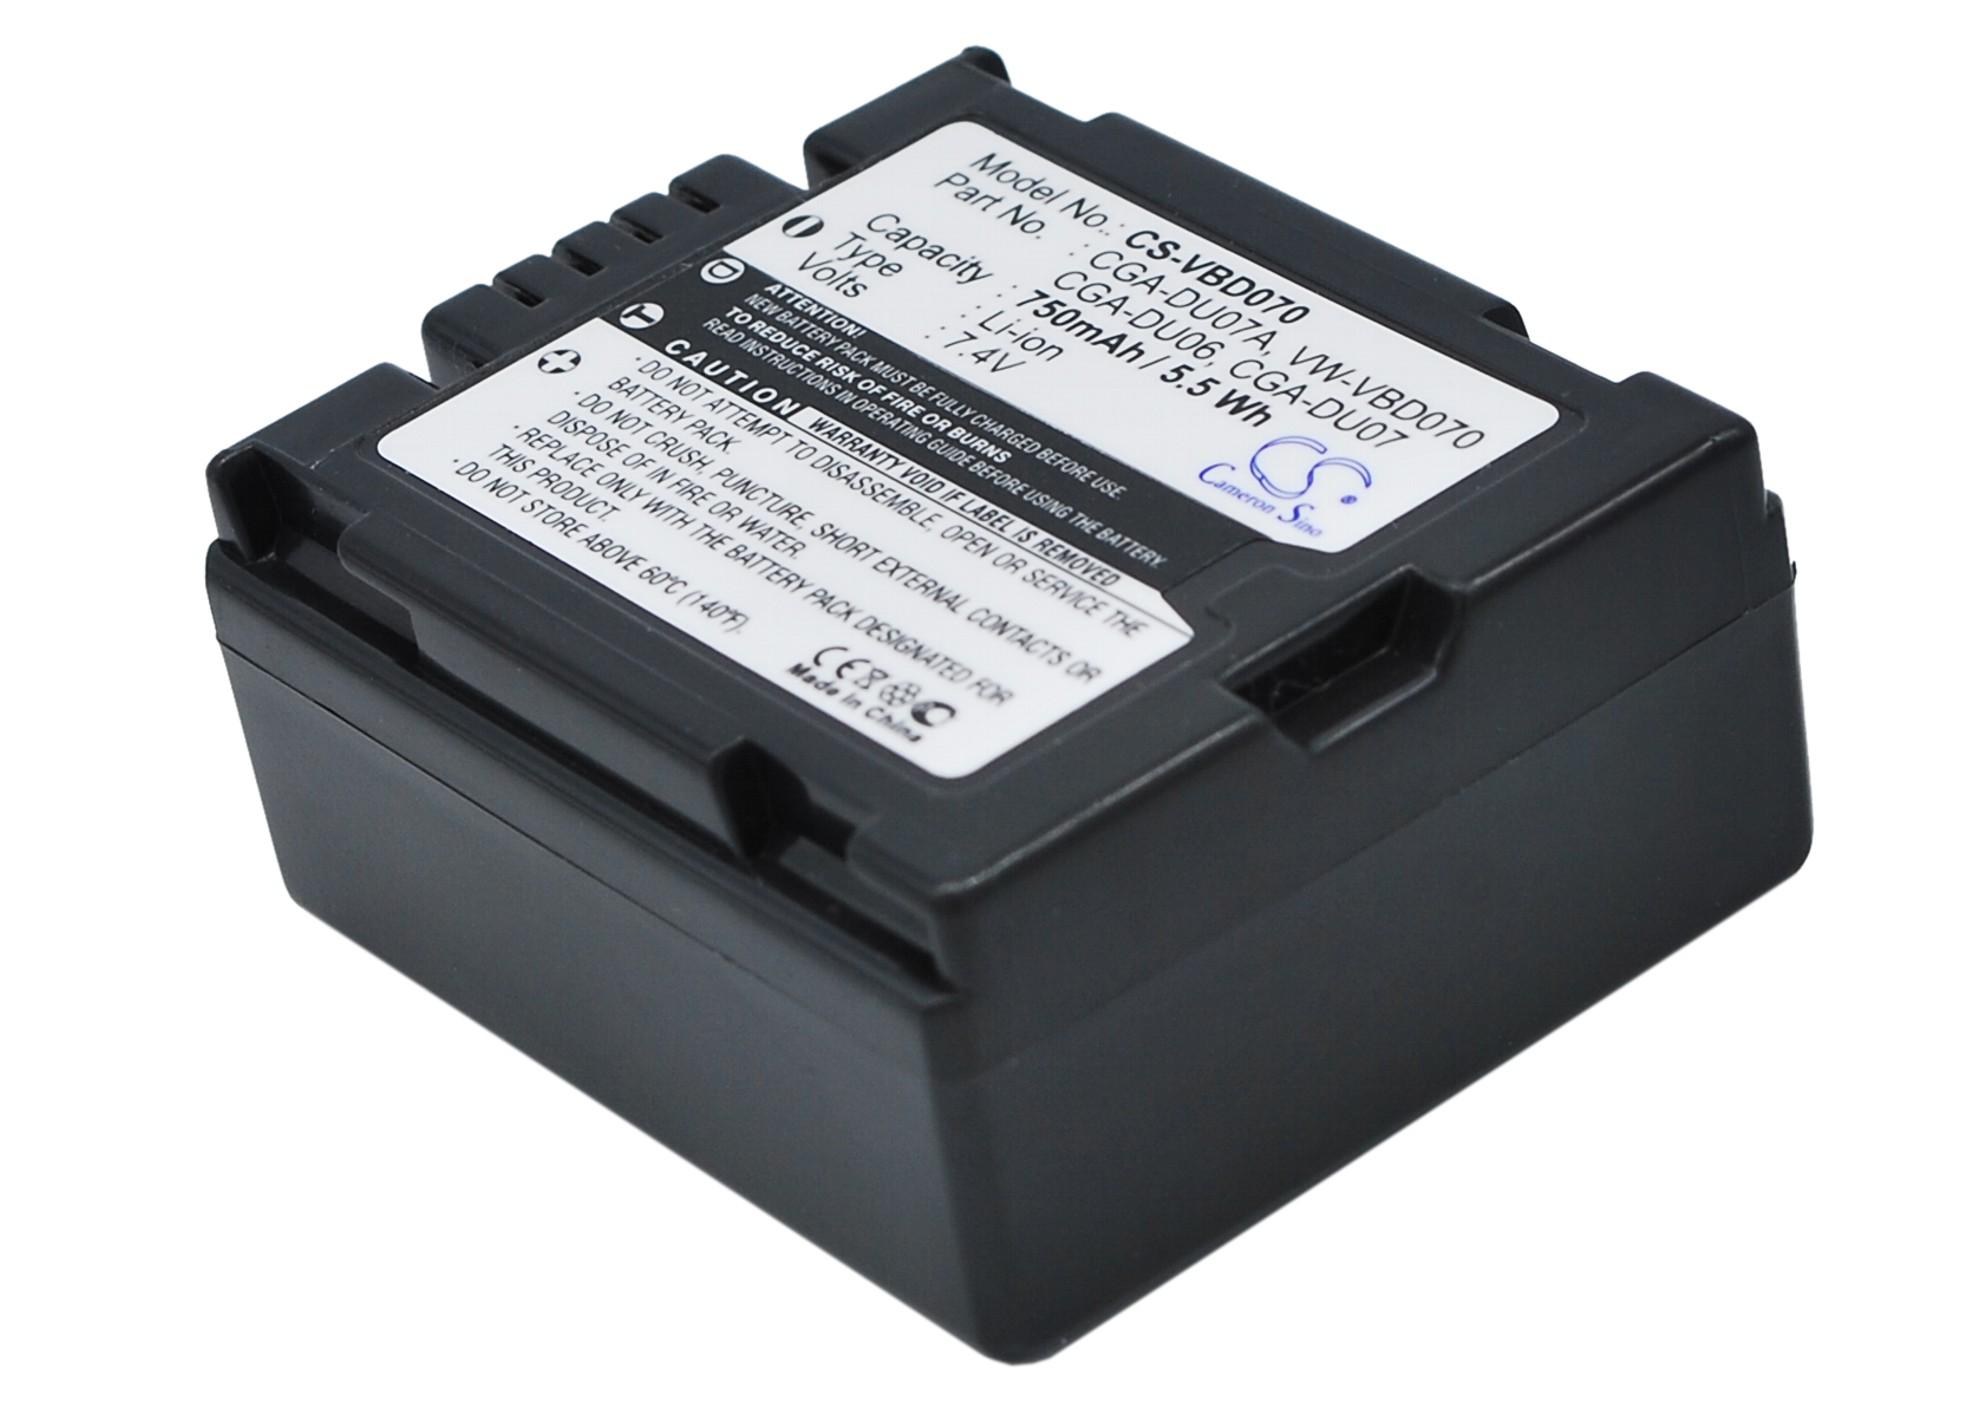 Cameron Sino baterie do kamer a fotoaparátů pro HITACHI DZ-MV730 7.4V Li-ion 750mAh tmavě šedá - neoriginální